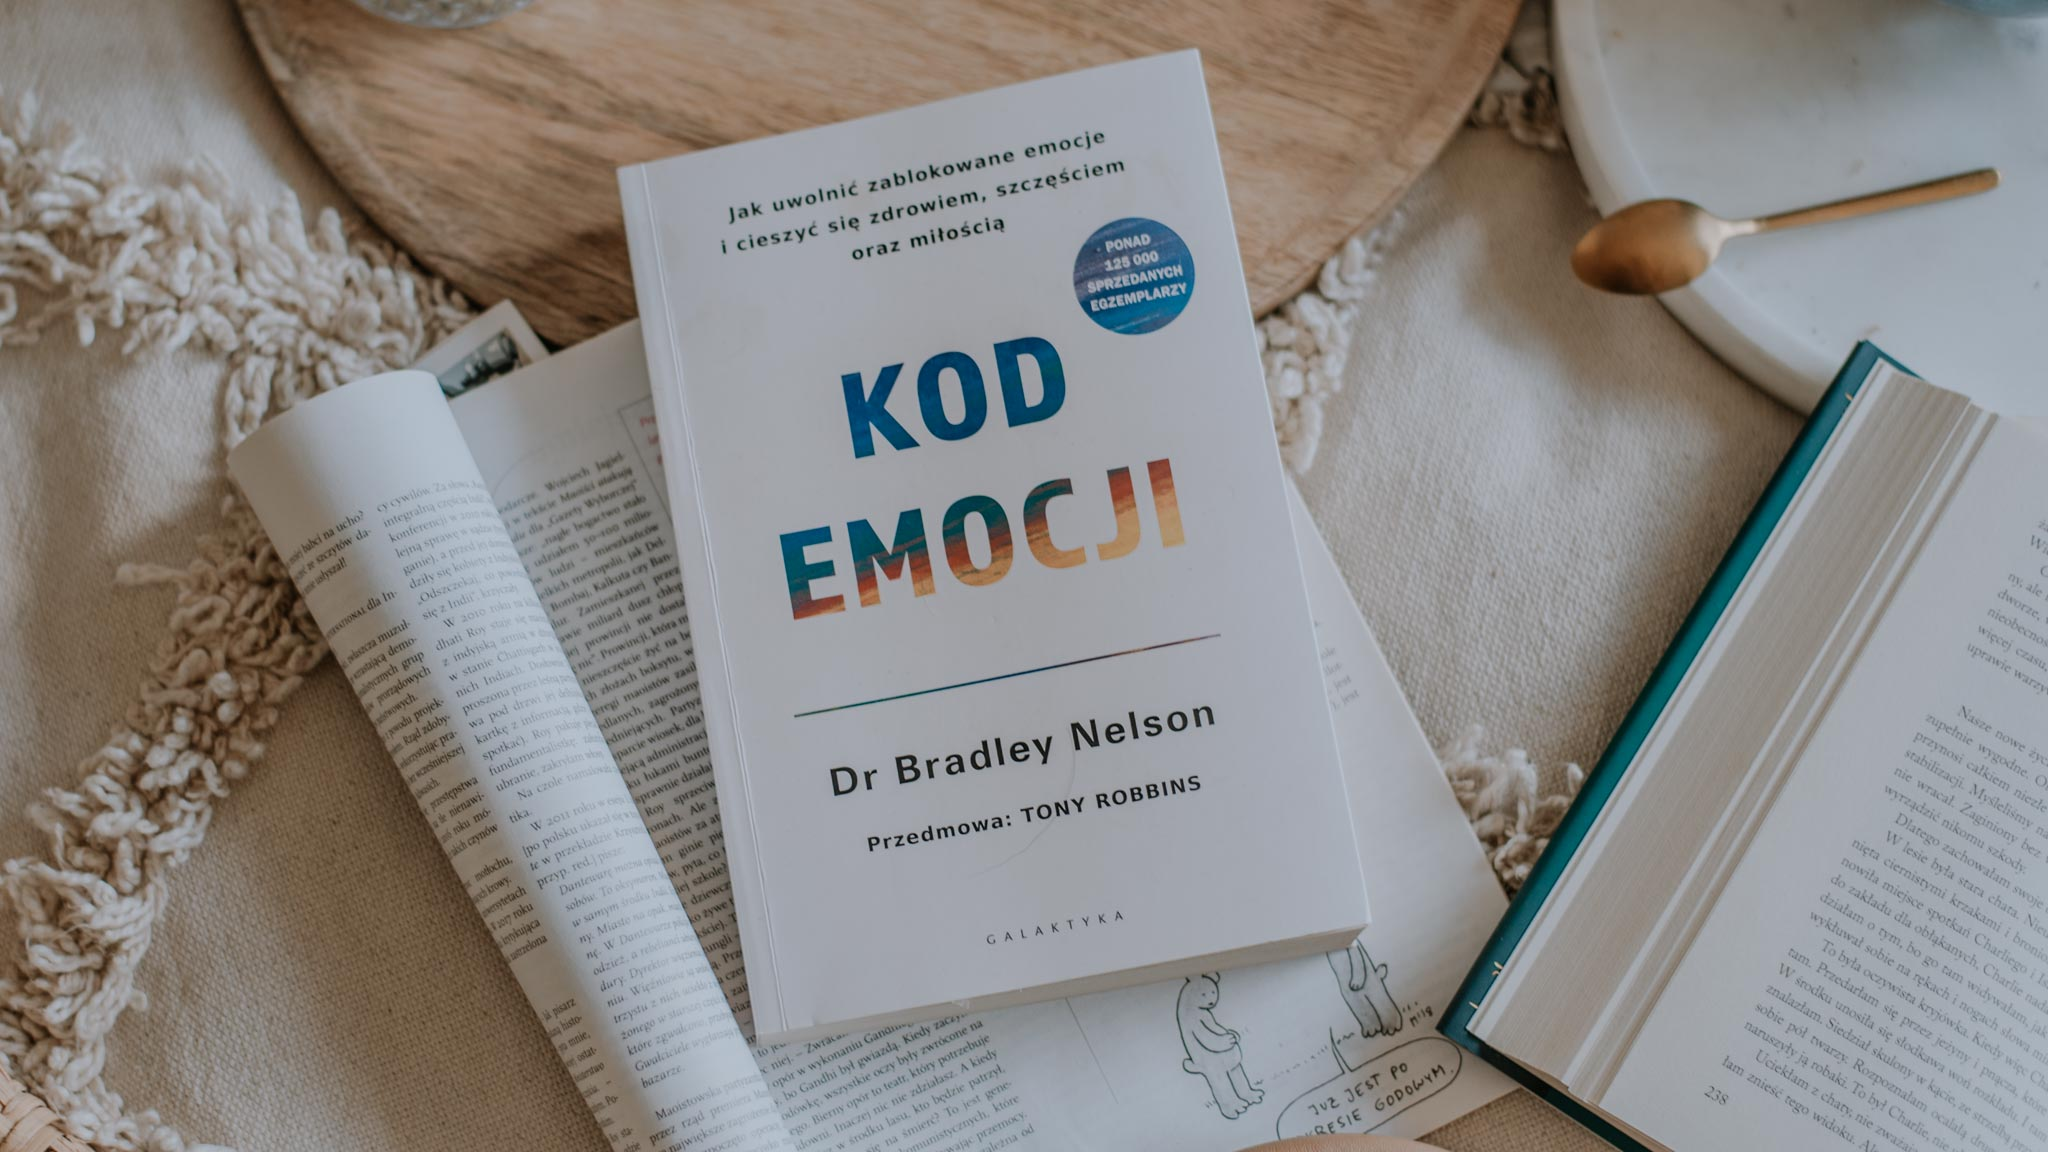 Kod emocji – dr Bradley Nelson